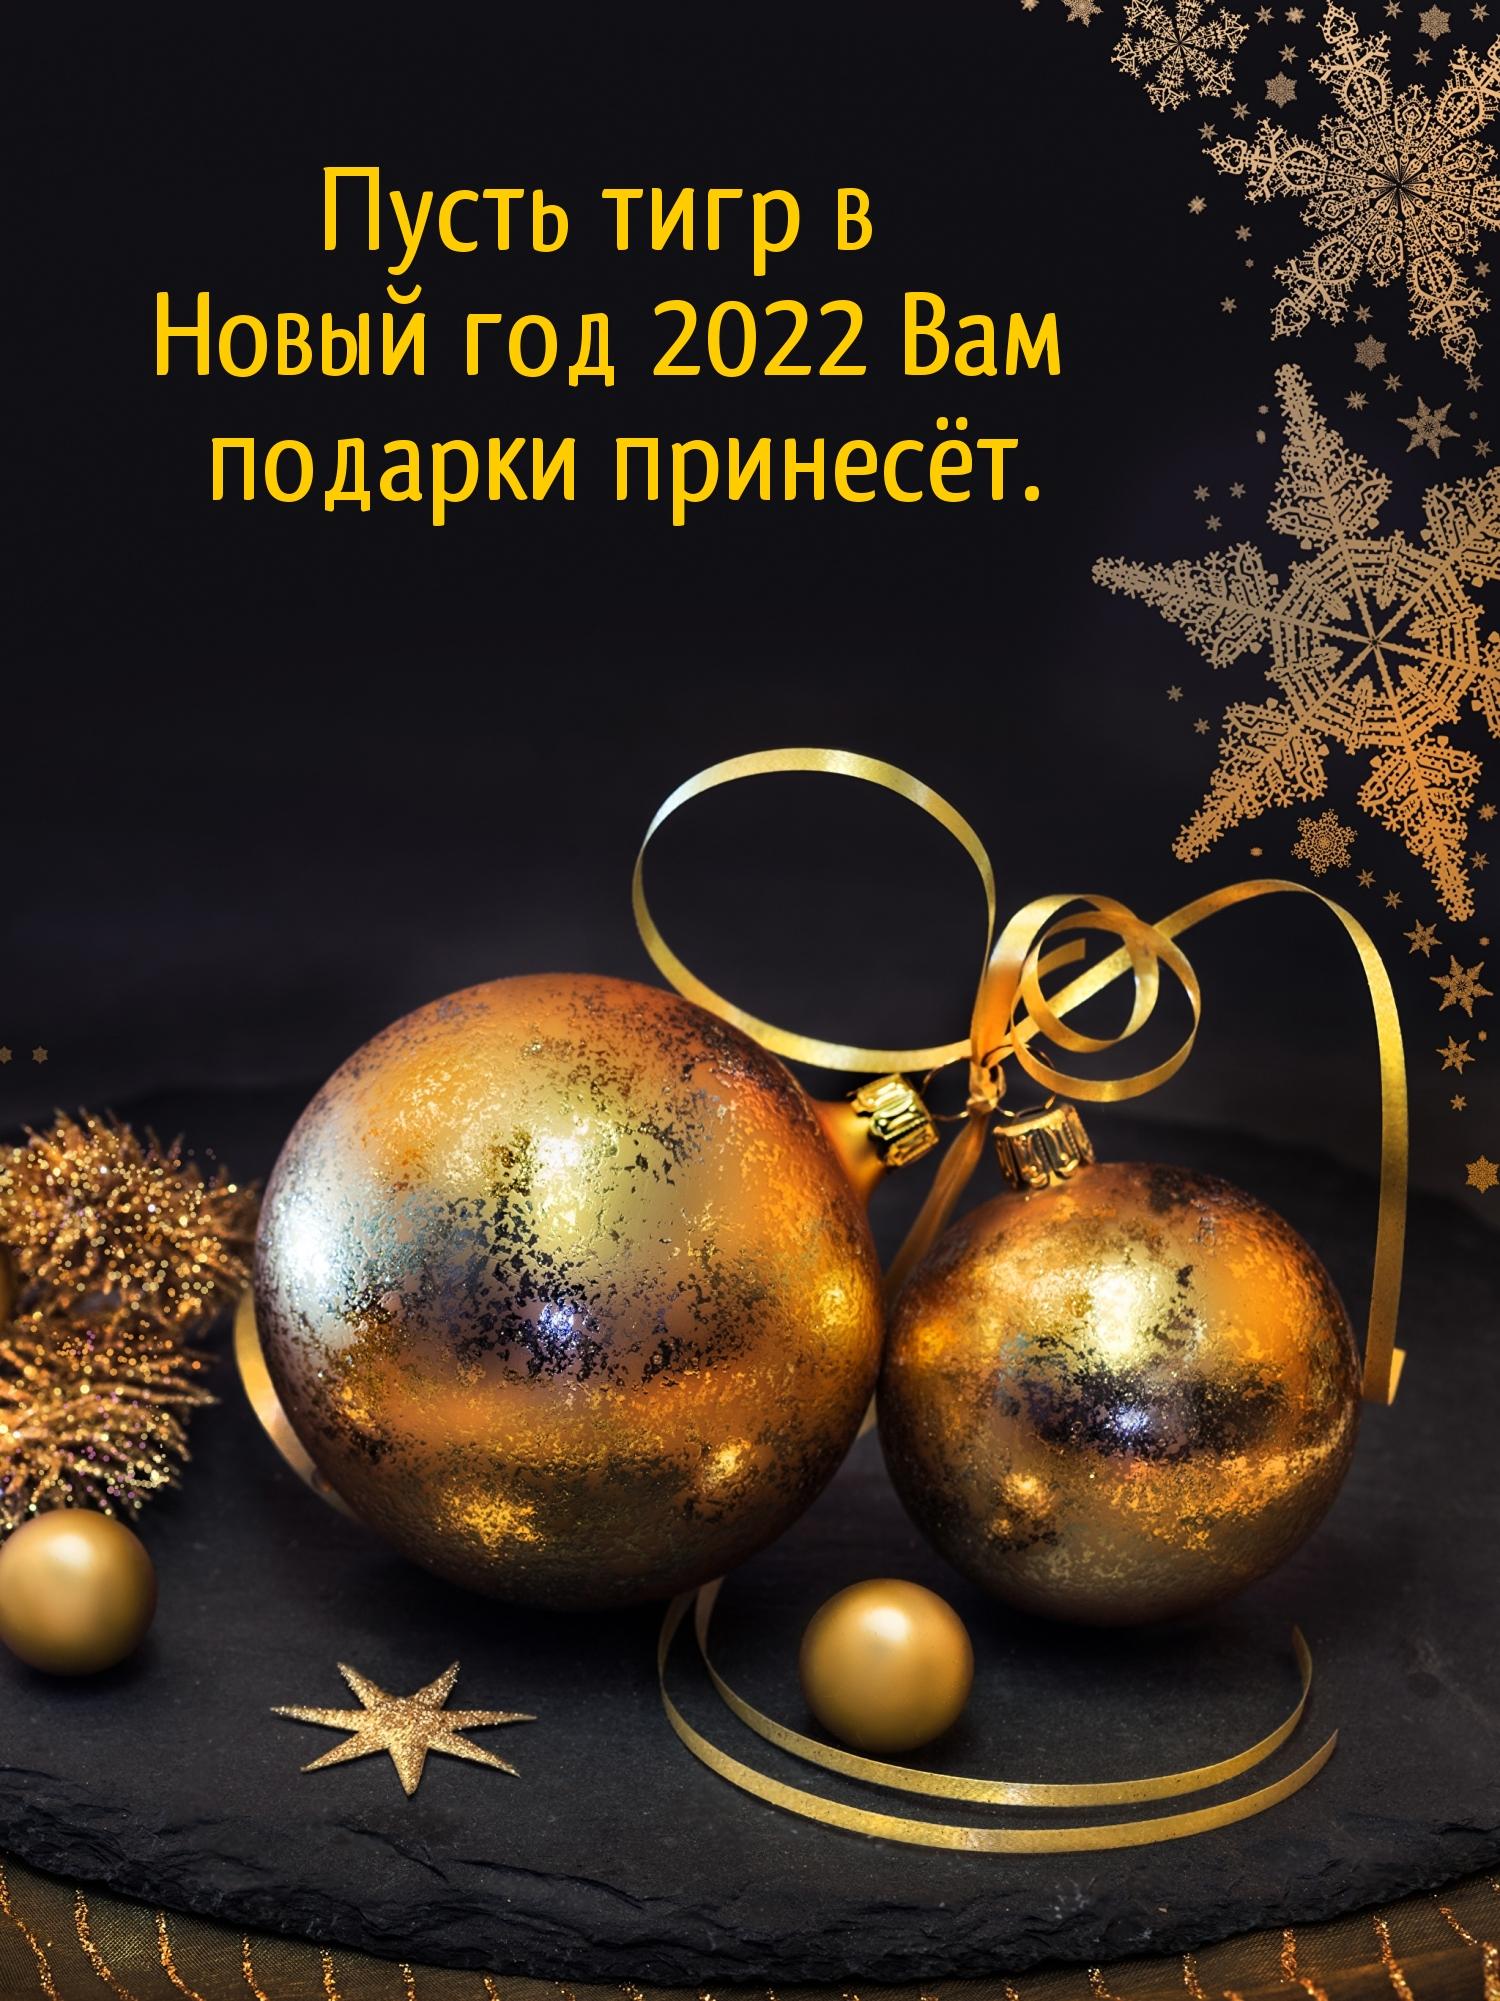 Пусть тигр в Новый год 2022 Вам подарки принесёт.